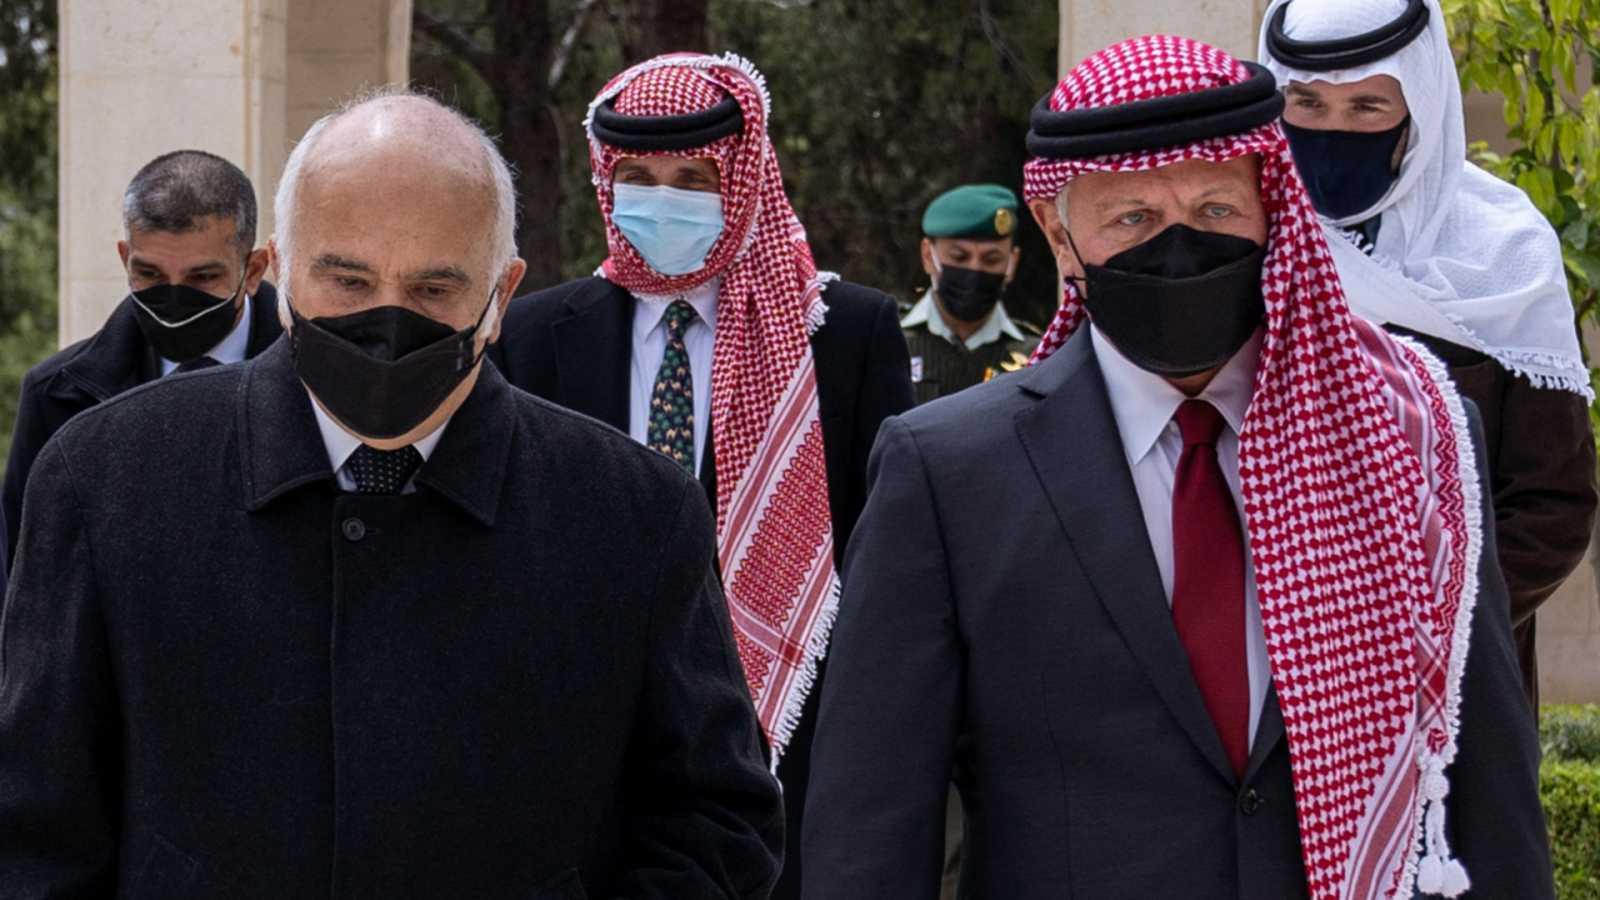 Cinco continentes - Jordania: ¿crisis superada? - Escuchar ahora